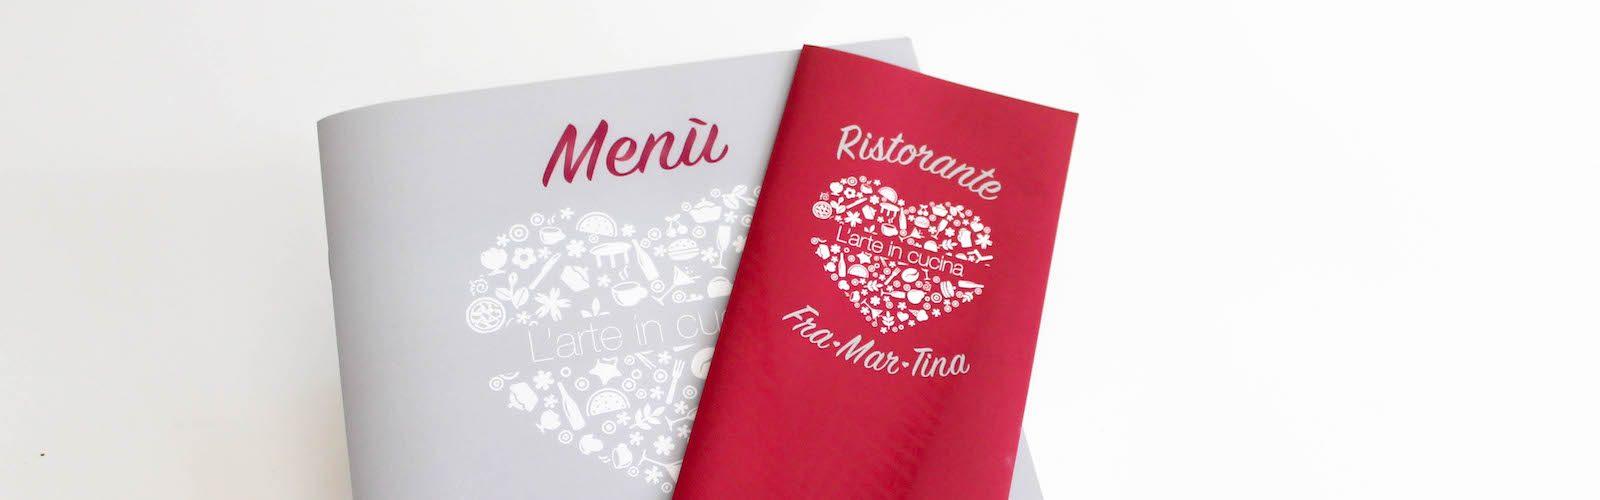 menu-framartina-ristorante-impaginazione-grafica-melographic-studio